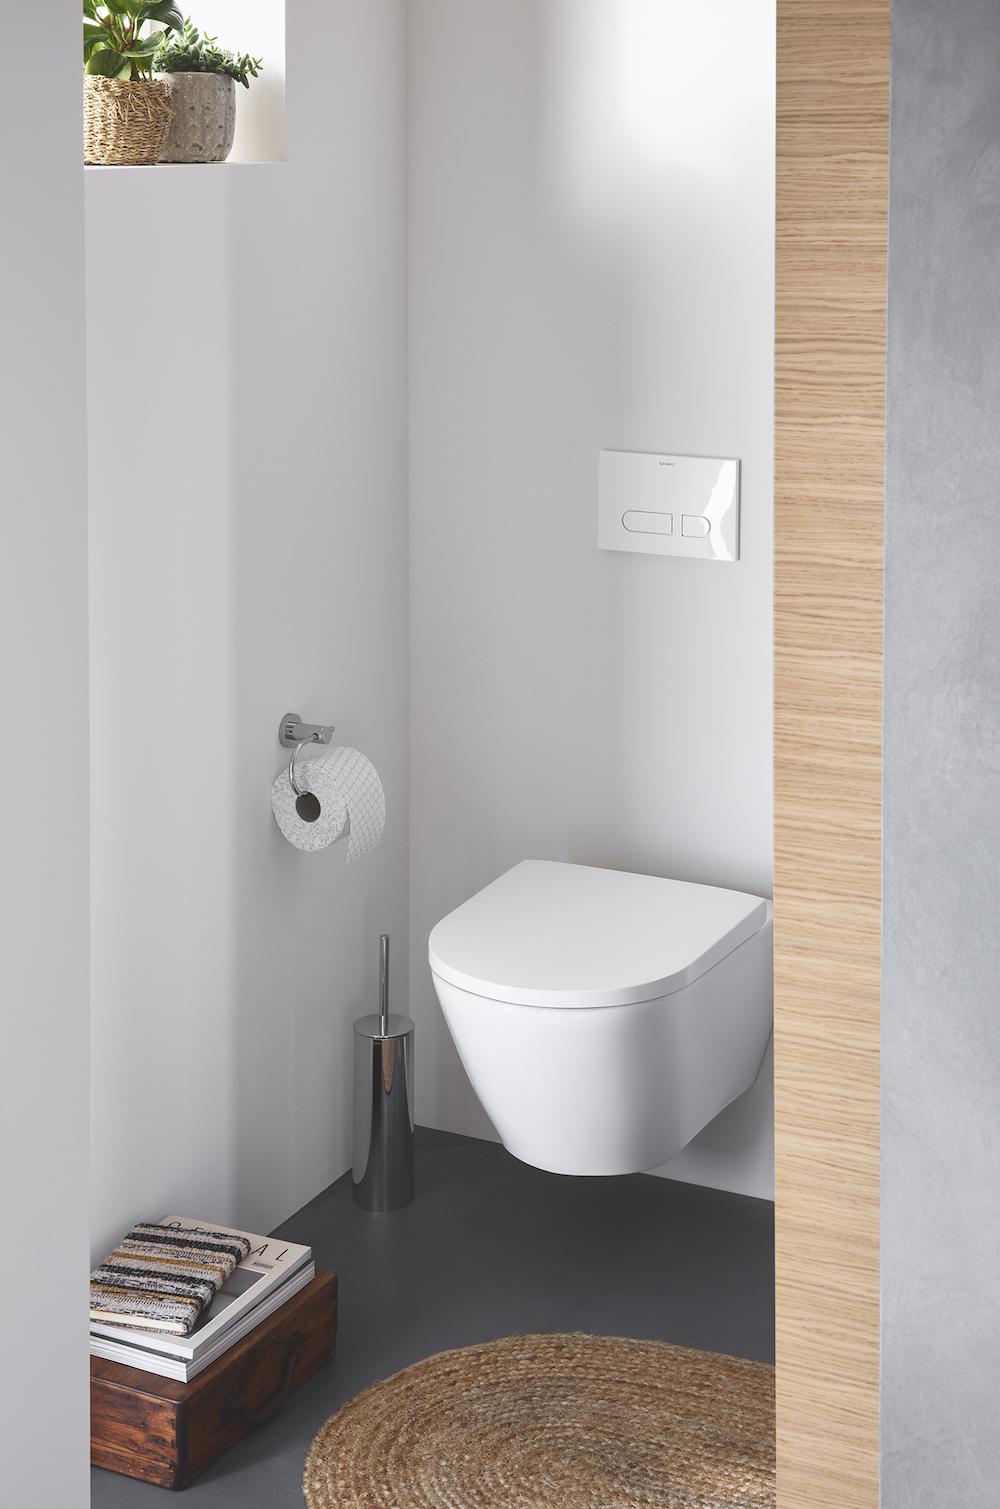 Toilet voor absolute hygiene met Hygieneflush van Duravit #duravit #toilet #hygiene #hygieneflush